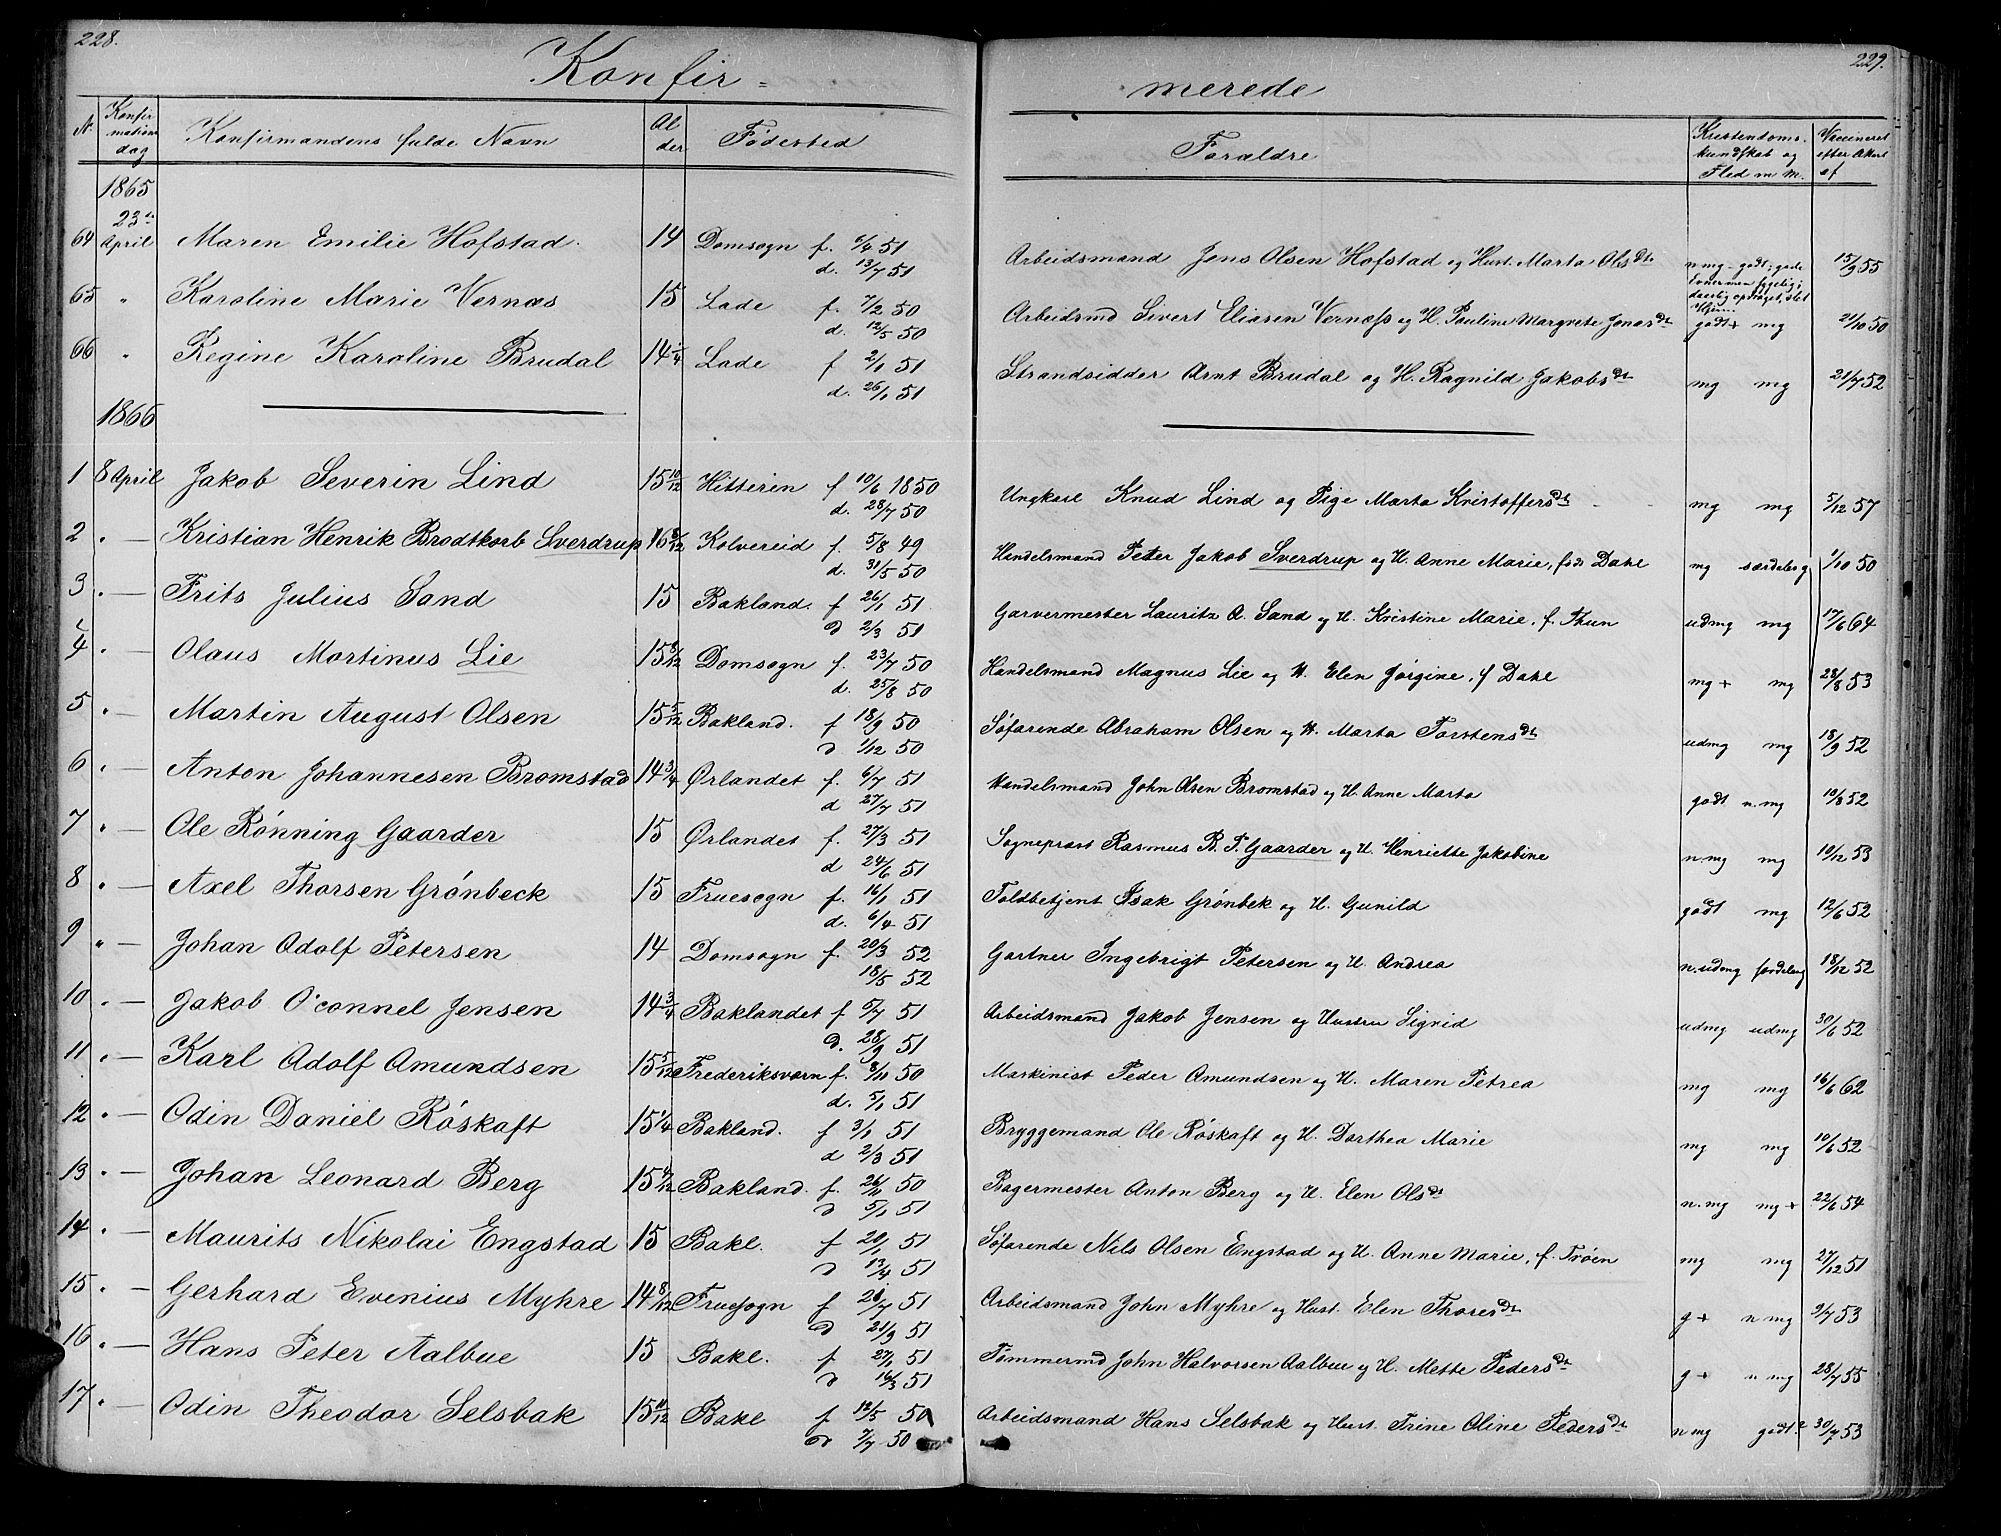 SAT, Ministerialprotokoller, klokkerbøker og fødselsregistre - Sør-Trøndelag, 604/L0219: Klokkerbok nr. 604C02, 1851-1869, s. 228-229